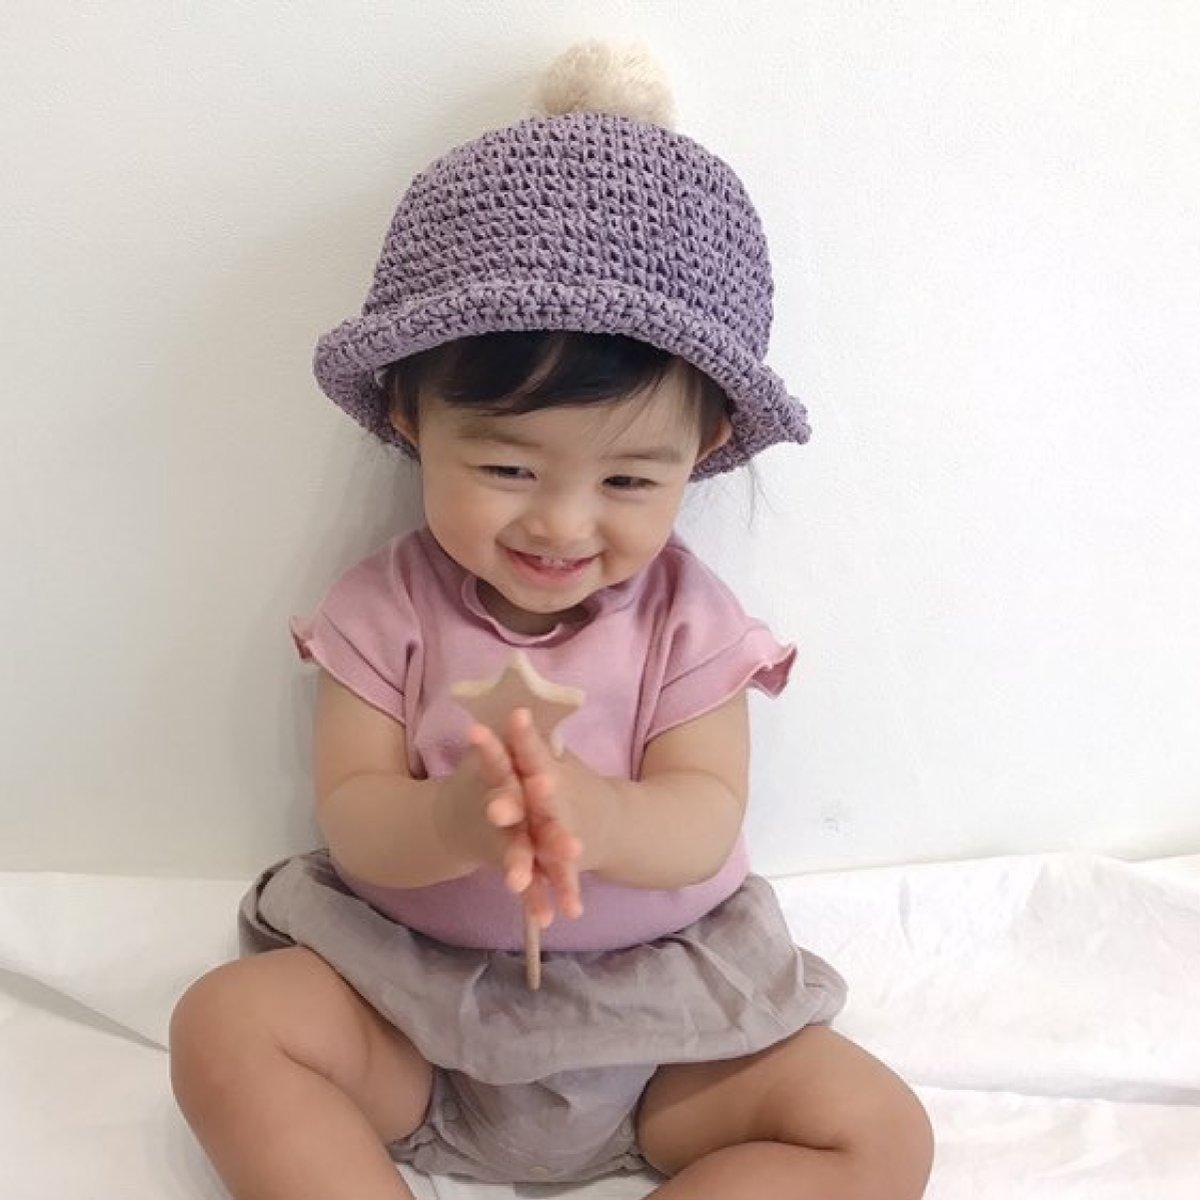 【BABY】Pon Coron Hat 詳細画像14